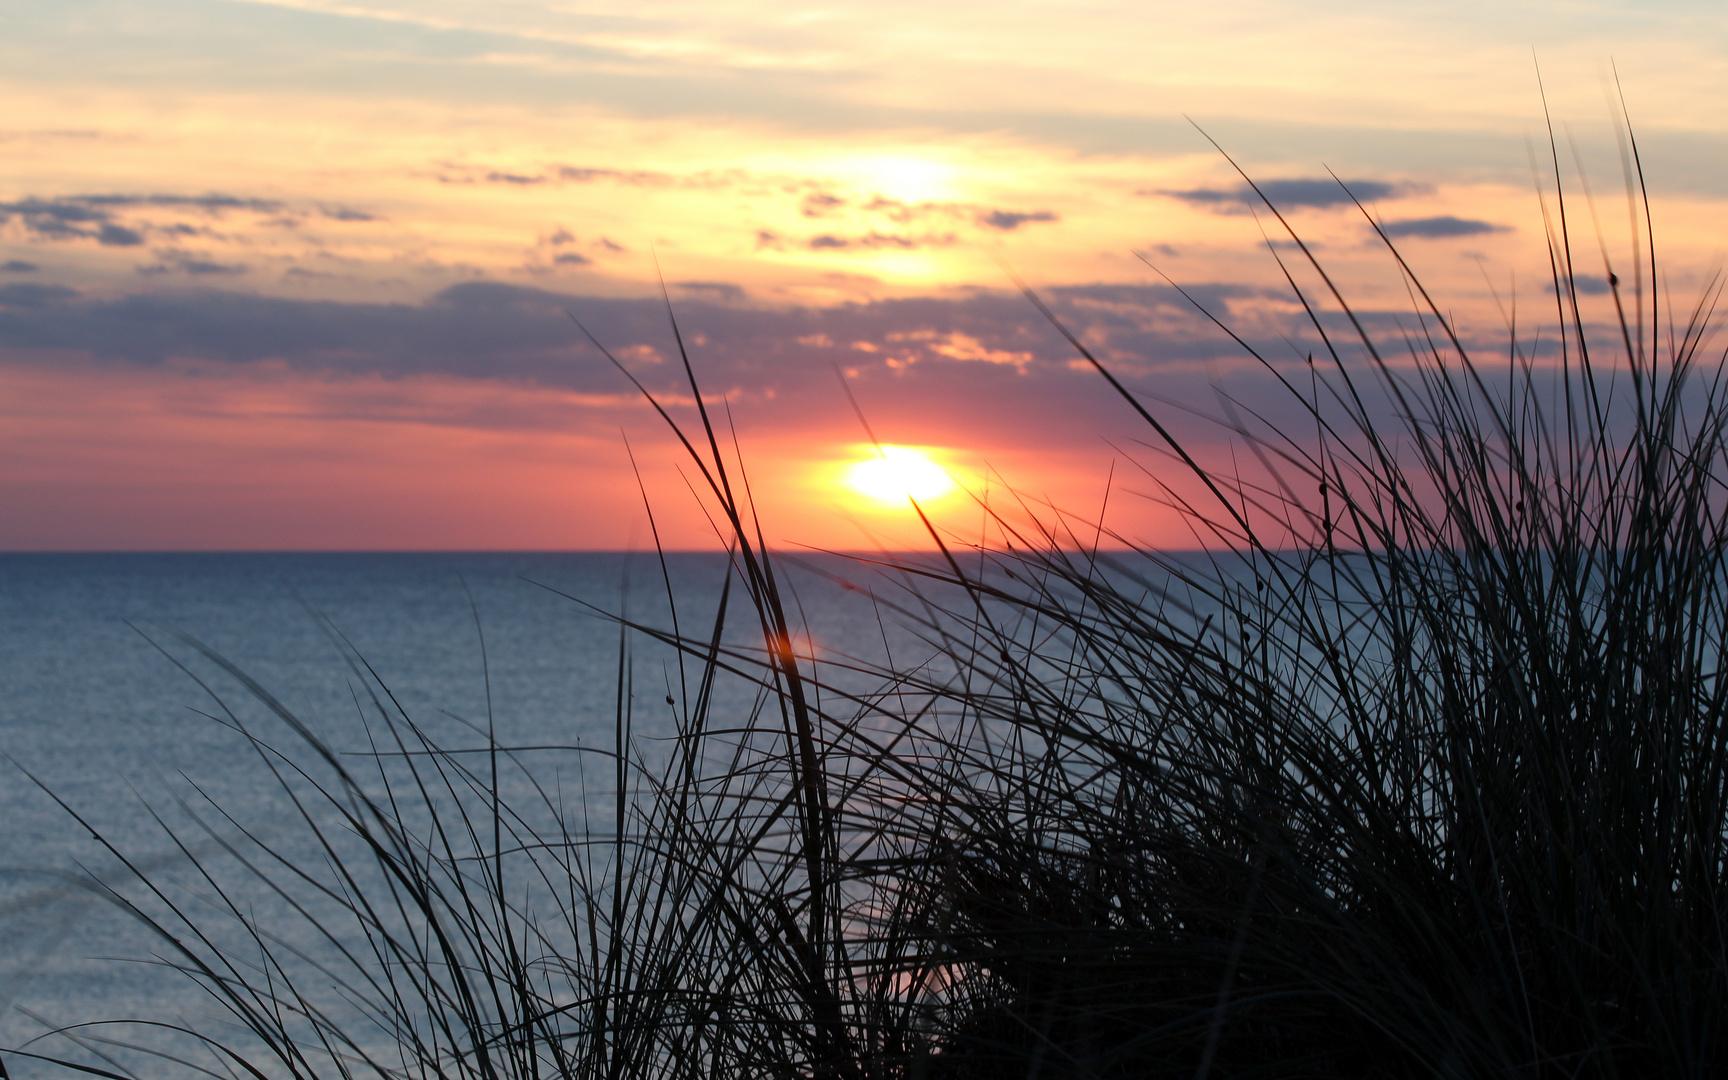 Letzte Sonnenstrahlen über Vedersø Klit (mit Marienkäfersilhouette)